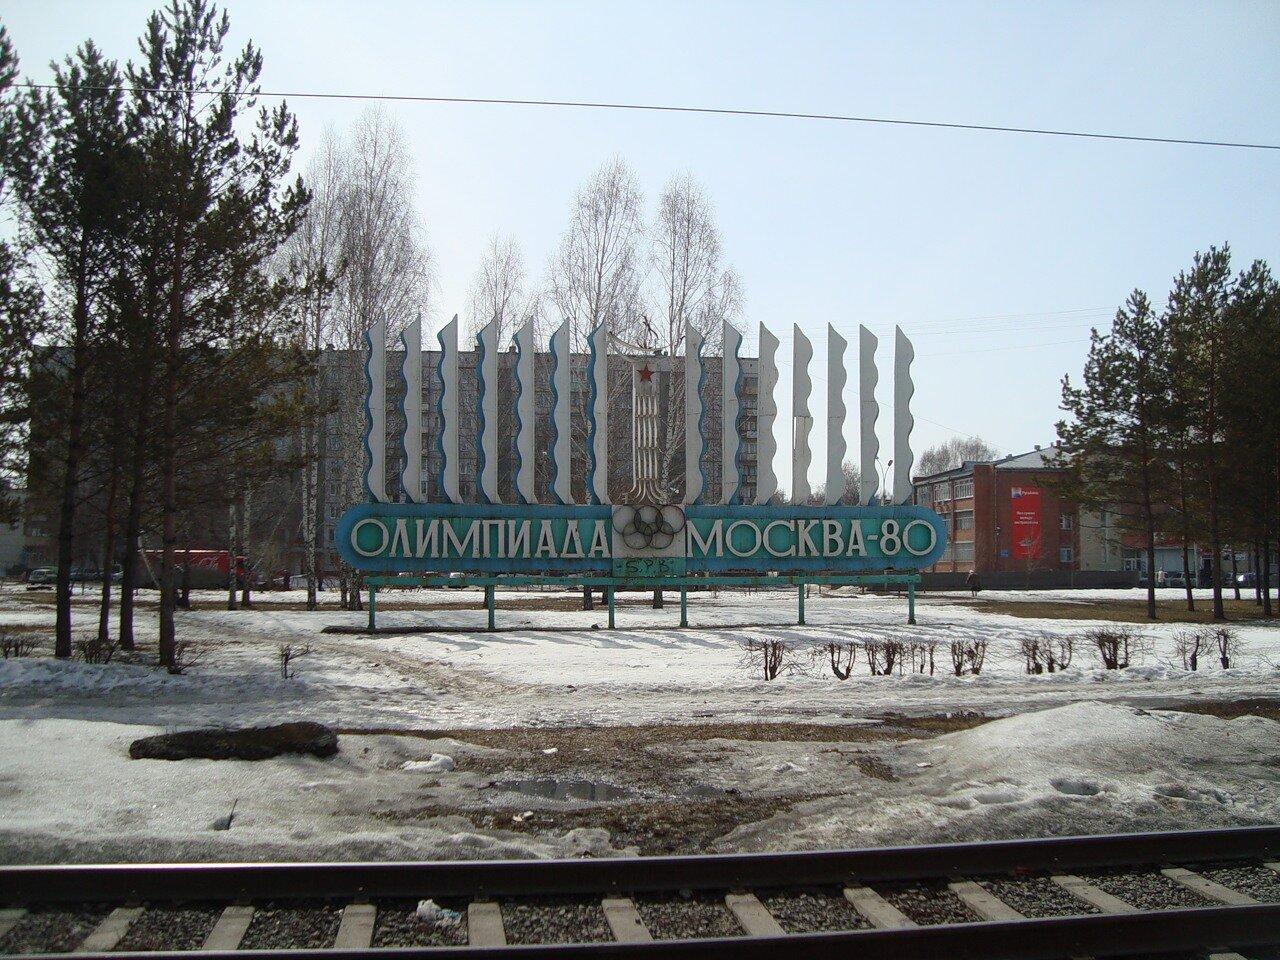 Фото новосибирска 80 годов 7 фотография